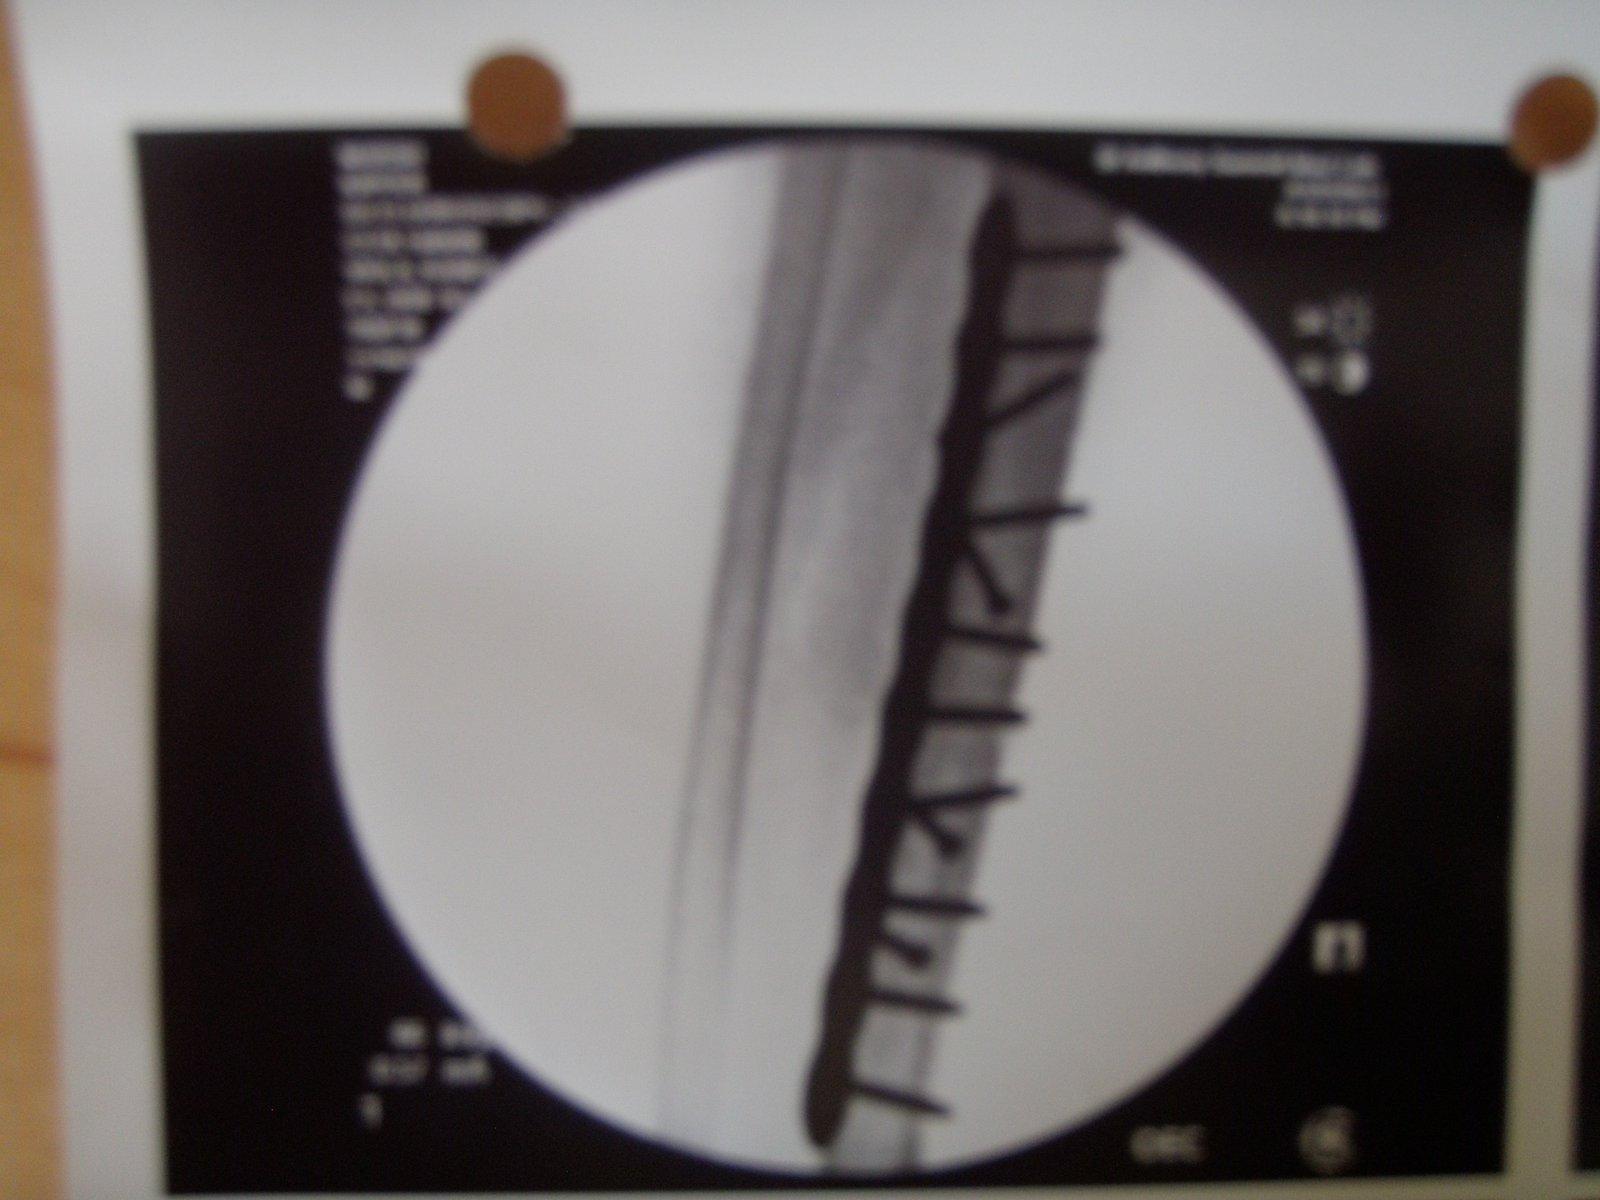 2011 injury hardware